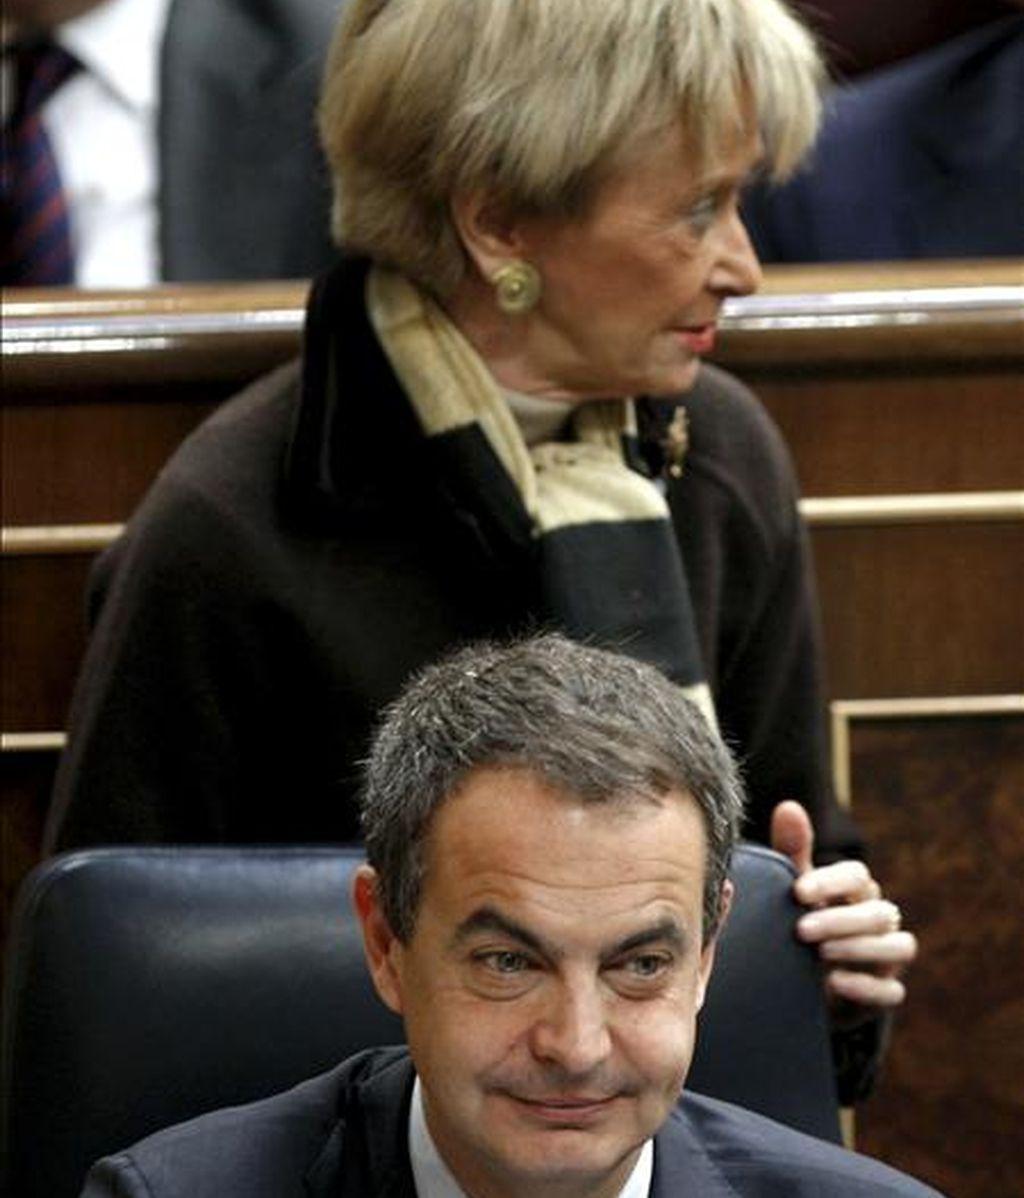 El presidente del Gobierno, José Luis Rodríguez Zapatero y la vicepresidenta Maria Teresa Fernández de la Vega, durante un pleno del Congreso. EFE